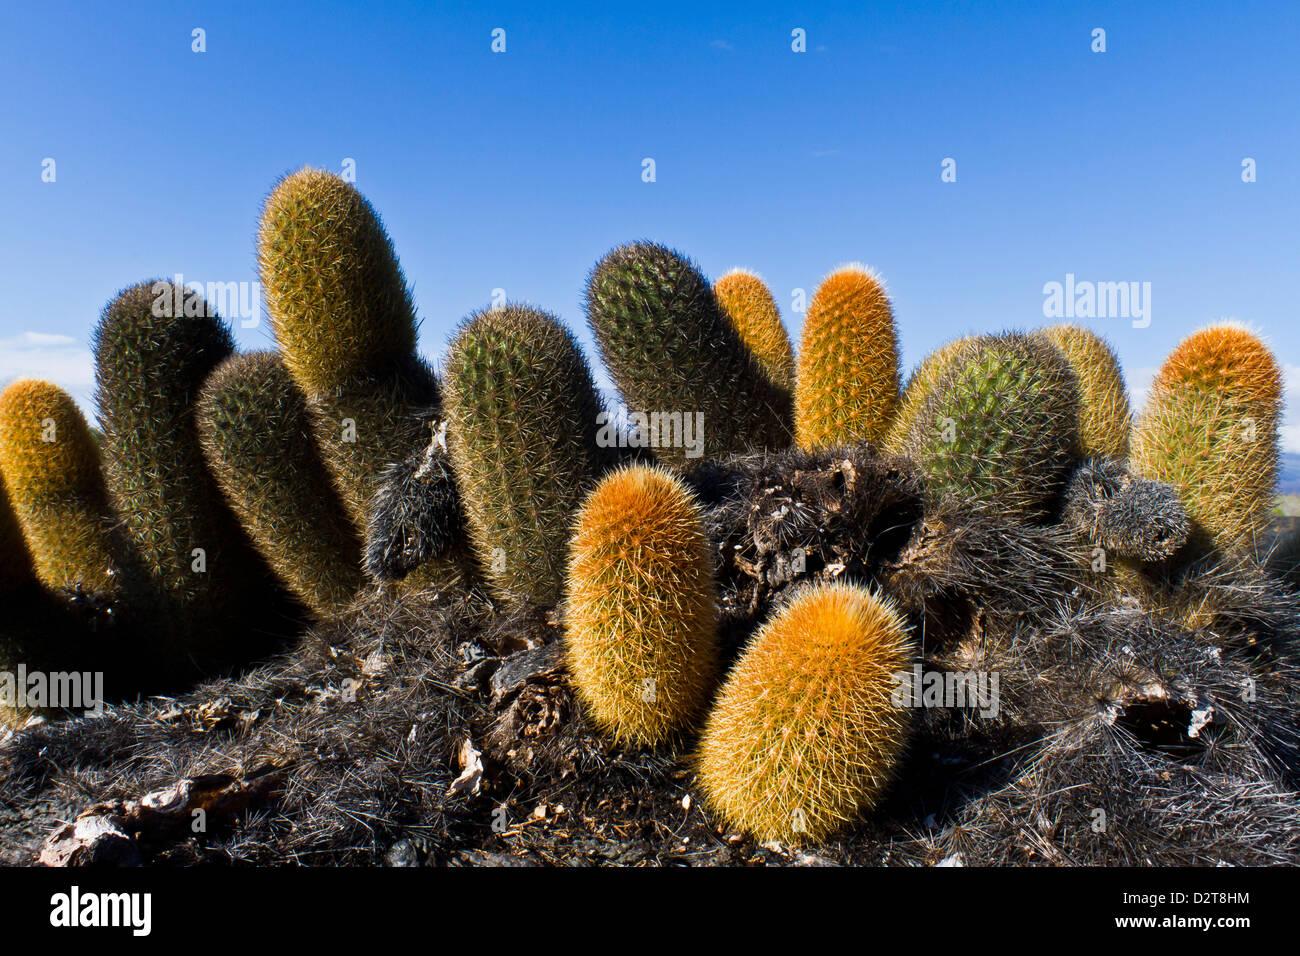 Endemic lava cactus (Brachycereus spp,), Fernandina Island, Galapagos Islands, Ecuador - Stock Image